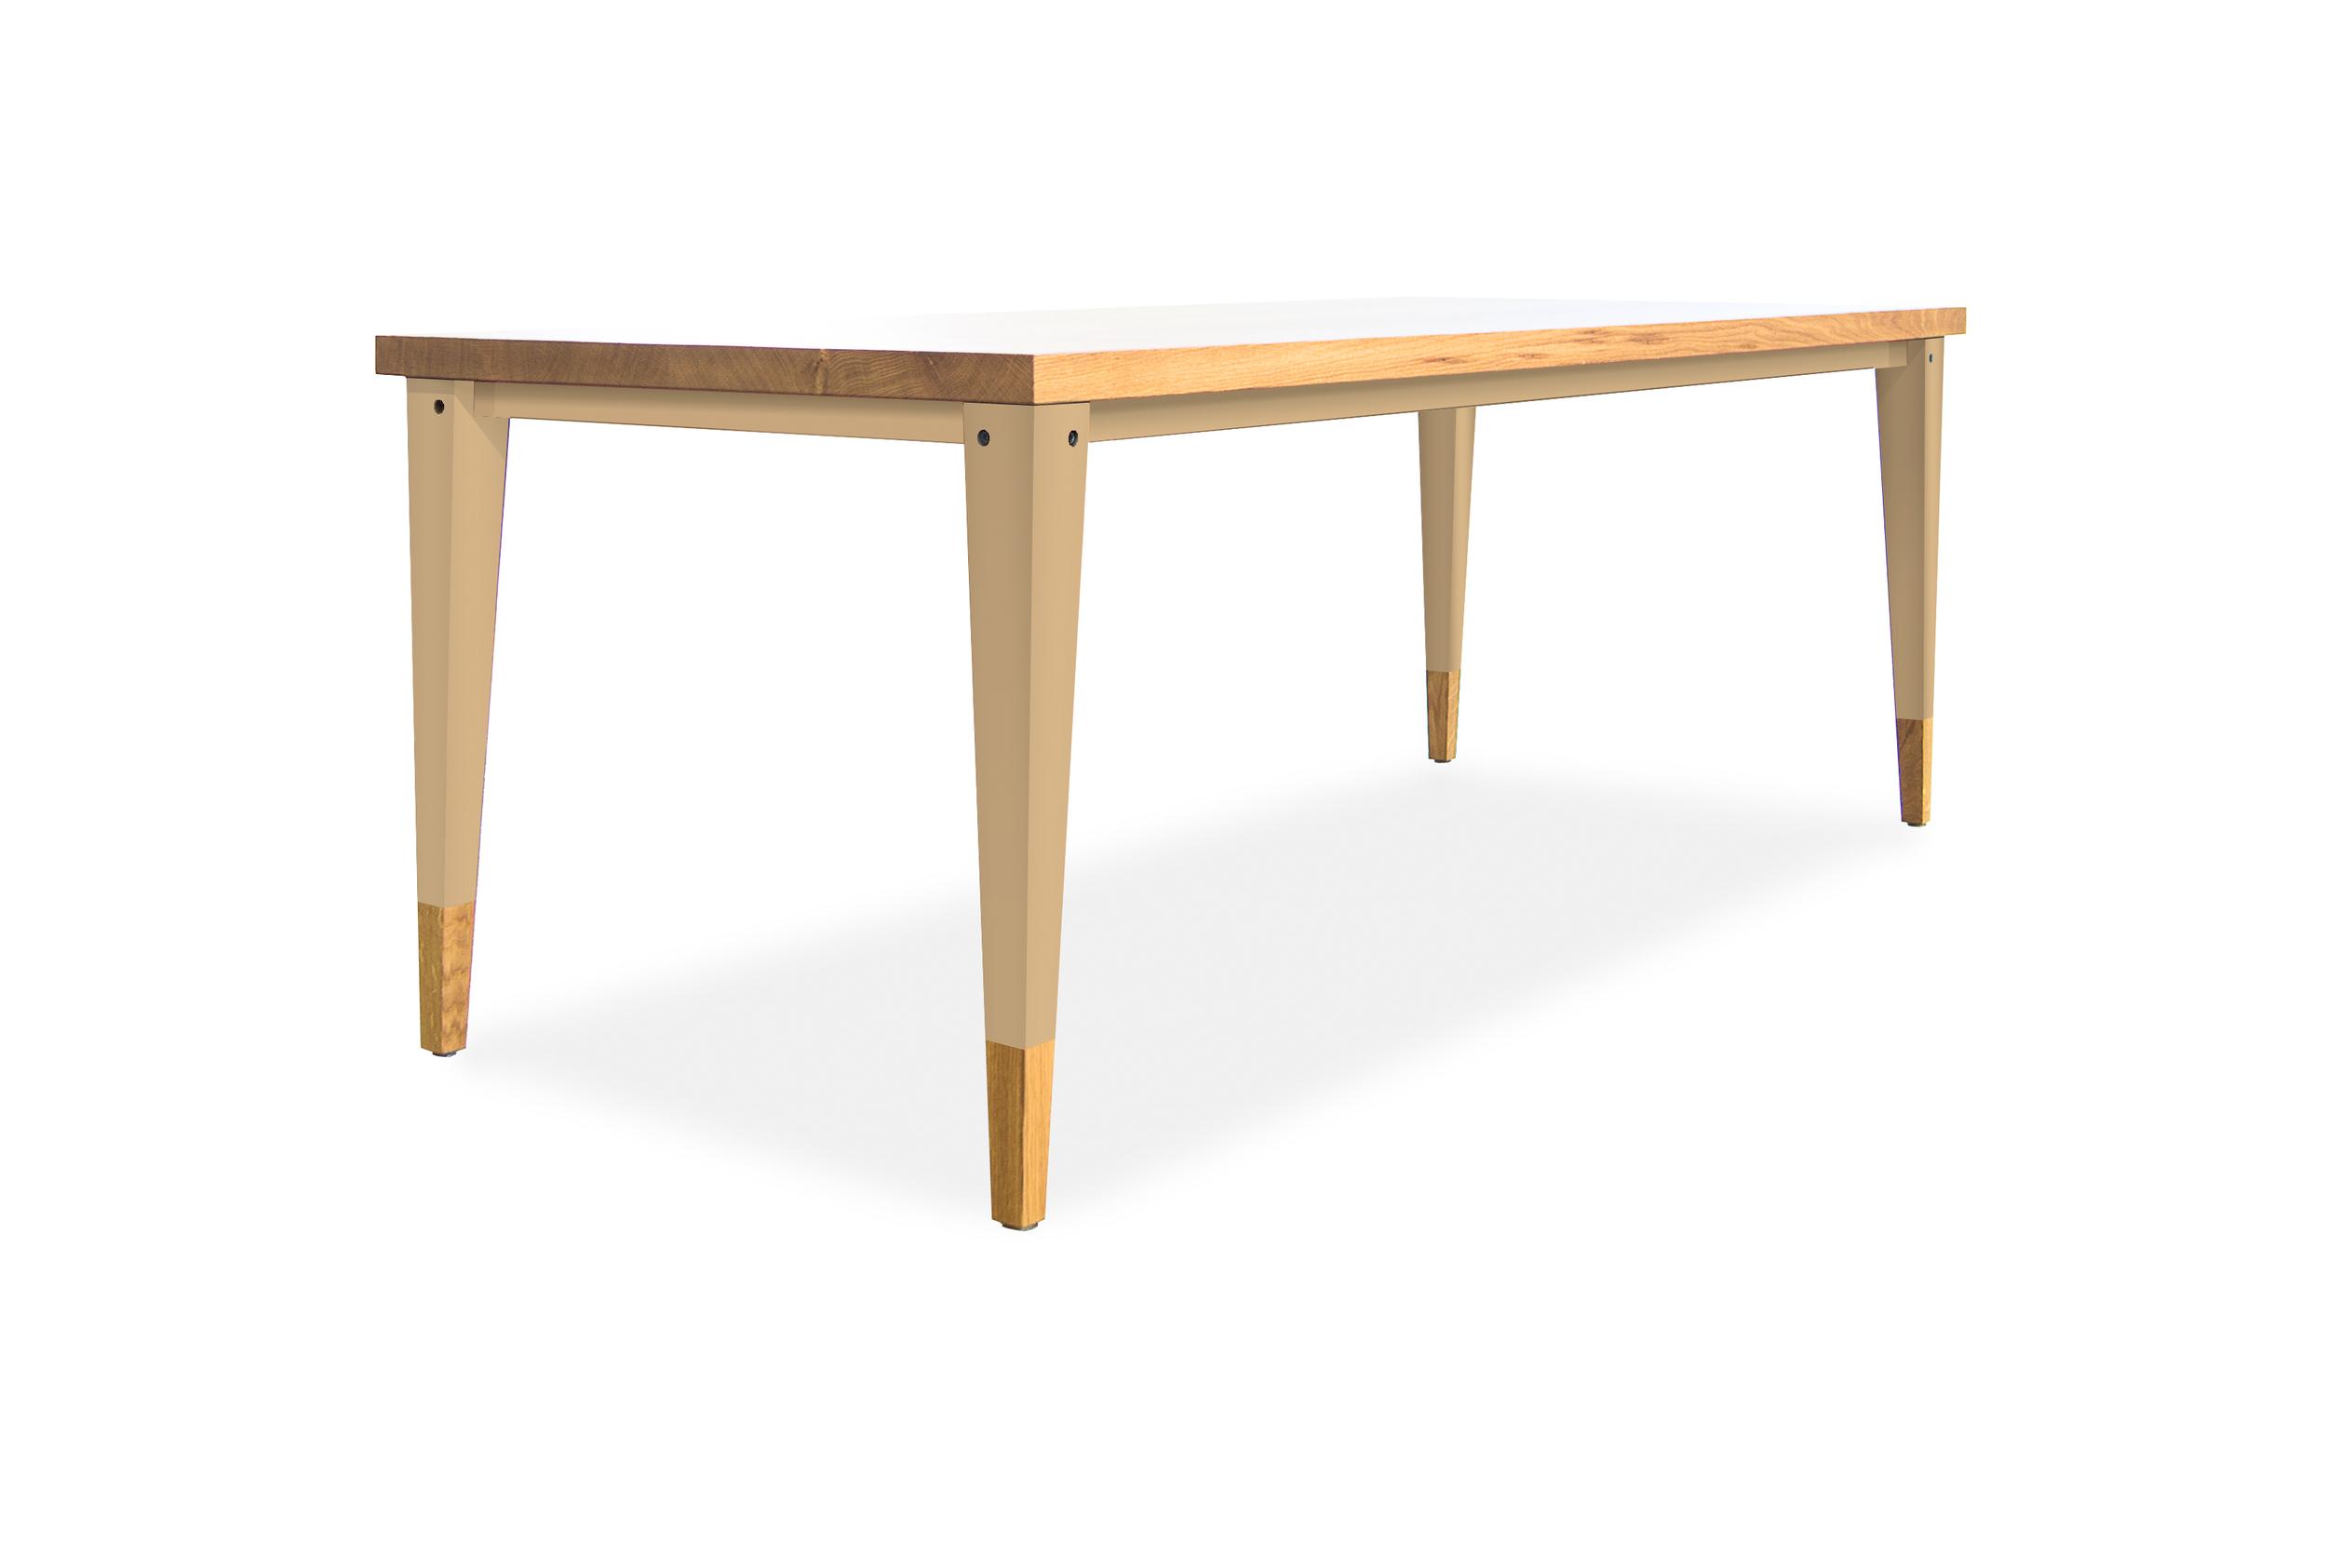 BB Tisch Bein ganz + Zarge 1001 .jpg